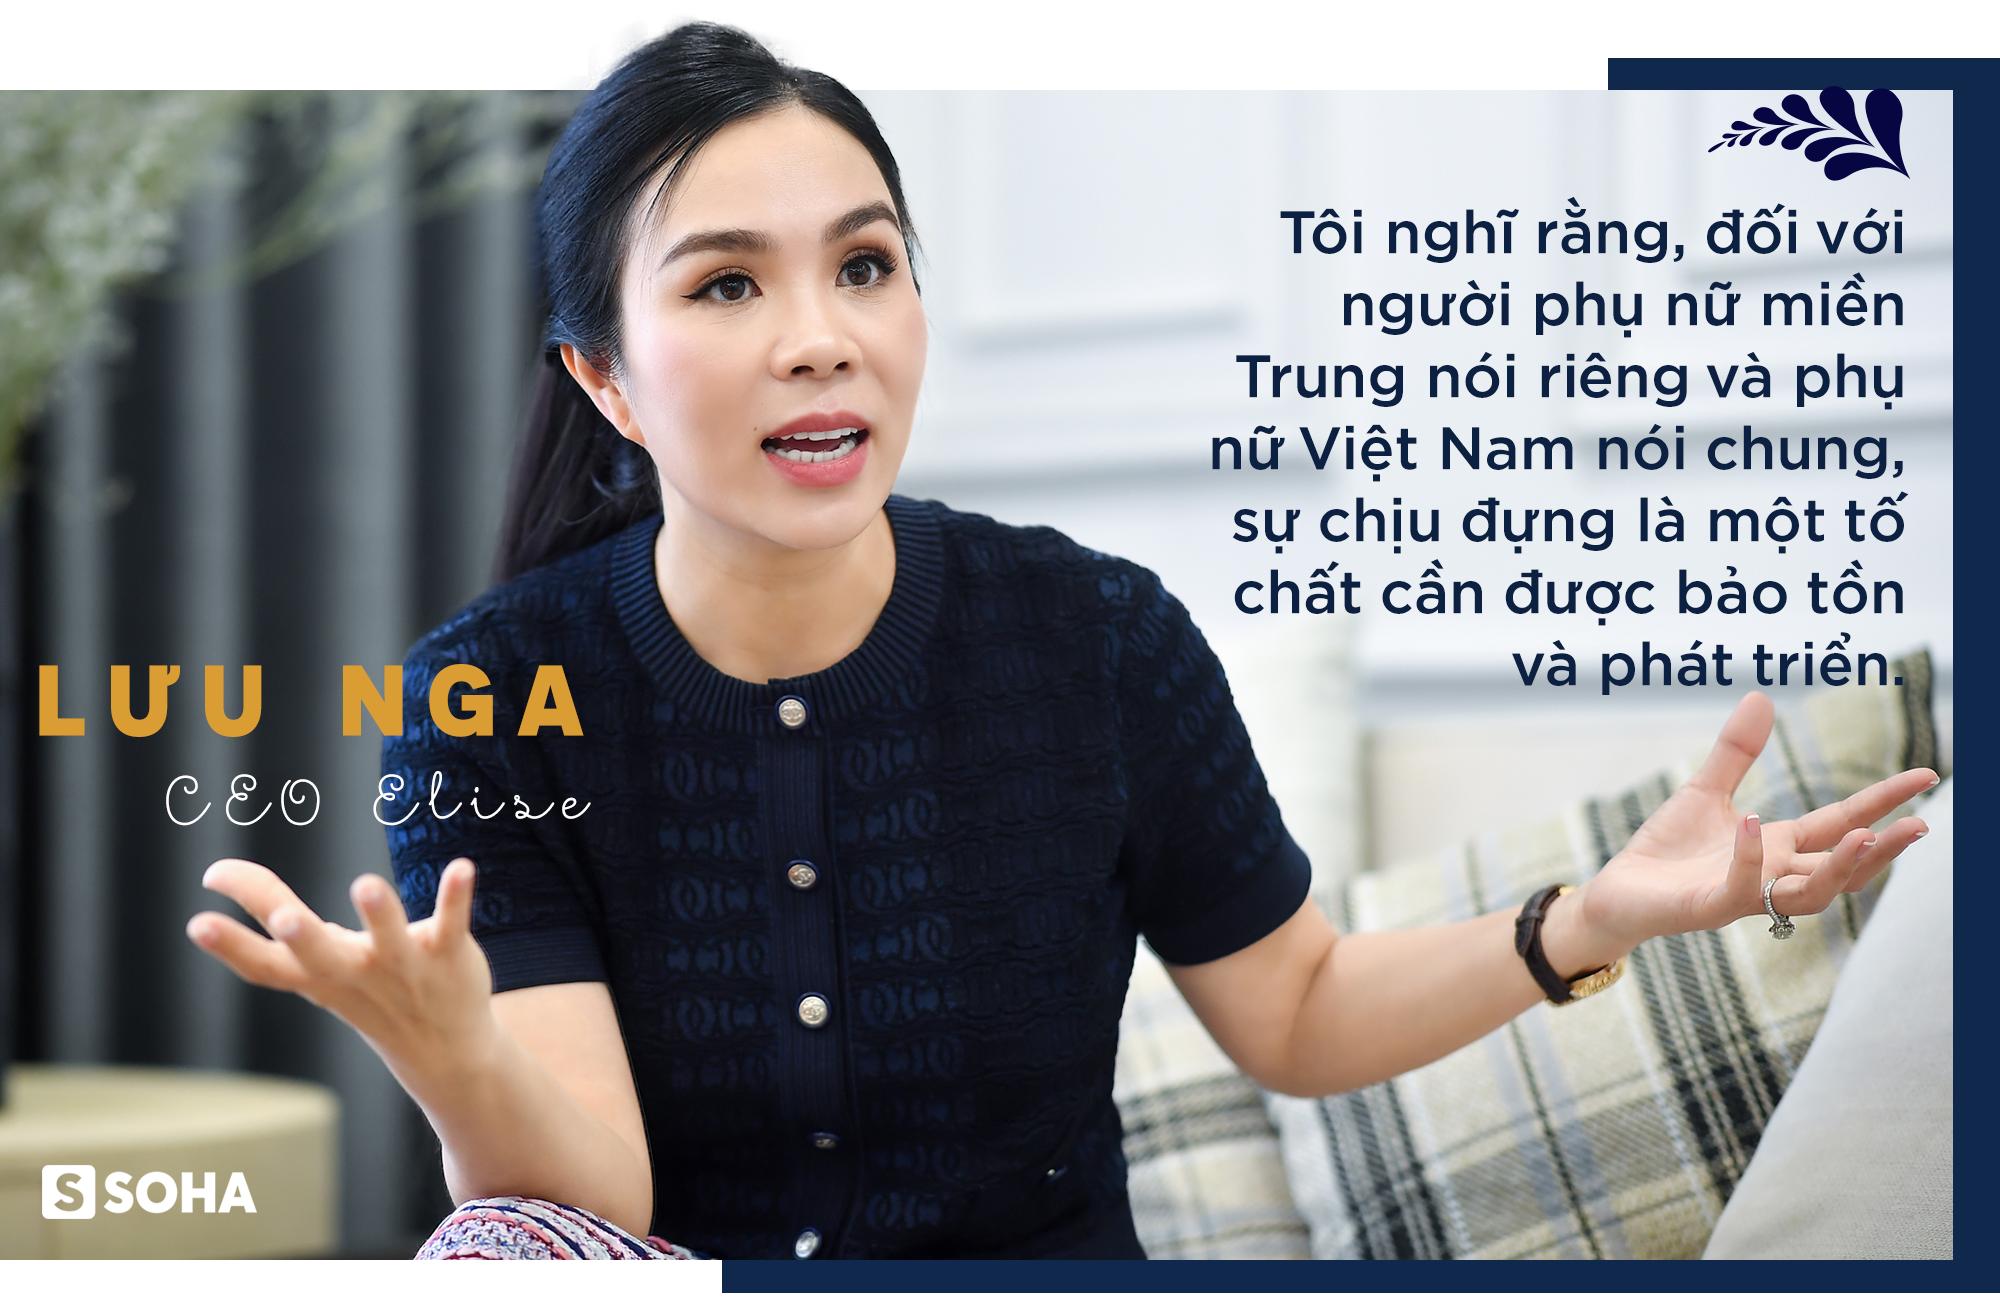 Founder Elise: Từ startup bùng lên với Ngô Thanh Vân, Tăng Thanh Hà đến giấc mơ tỷ đô khi sánh bước cùng người khổng lồ thế giới - Ảnh 10.